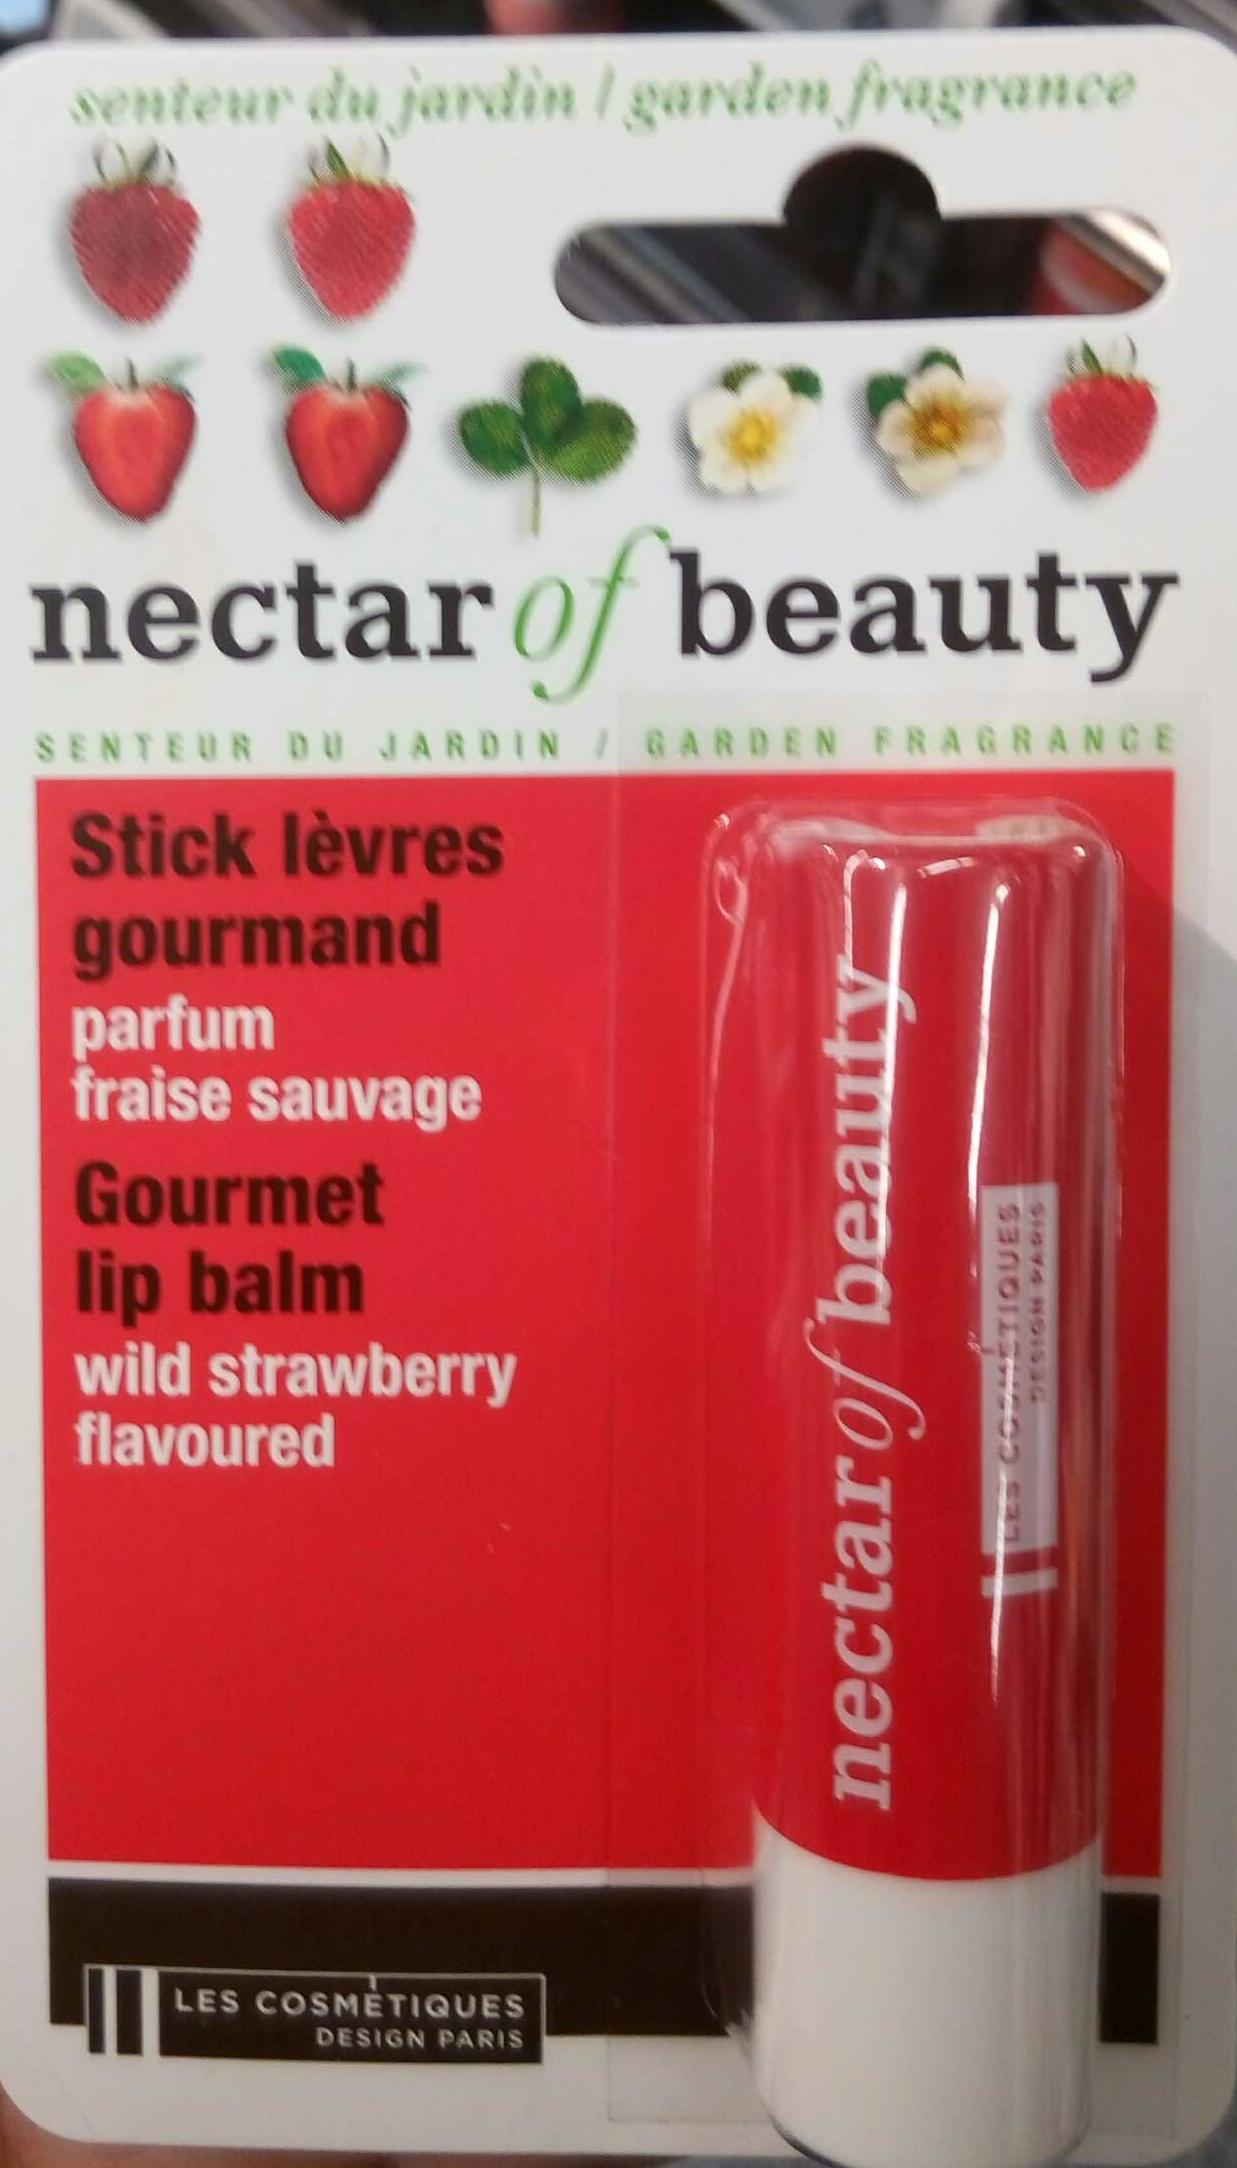 Stick lèvres gourmand parfum fraise sauvage - Produit